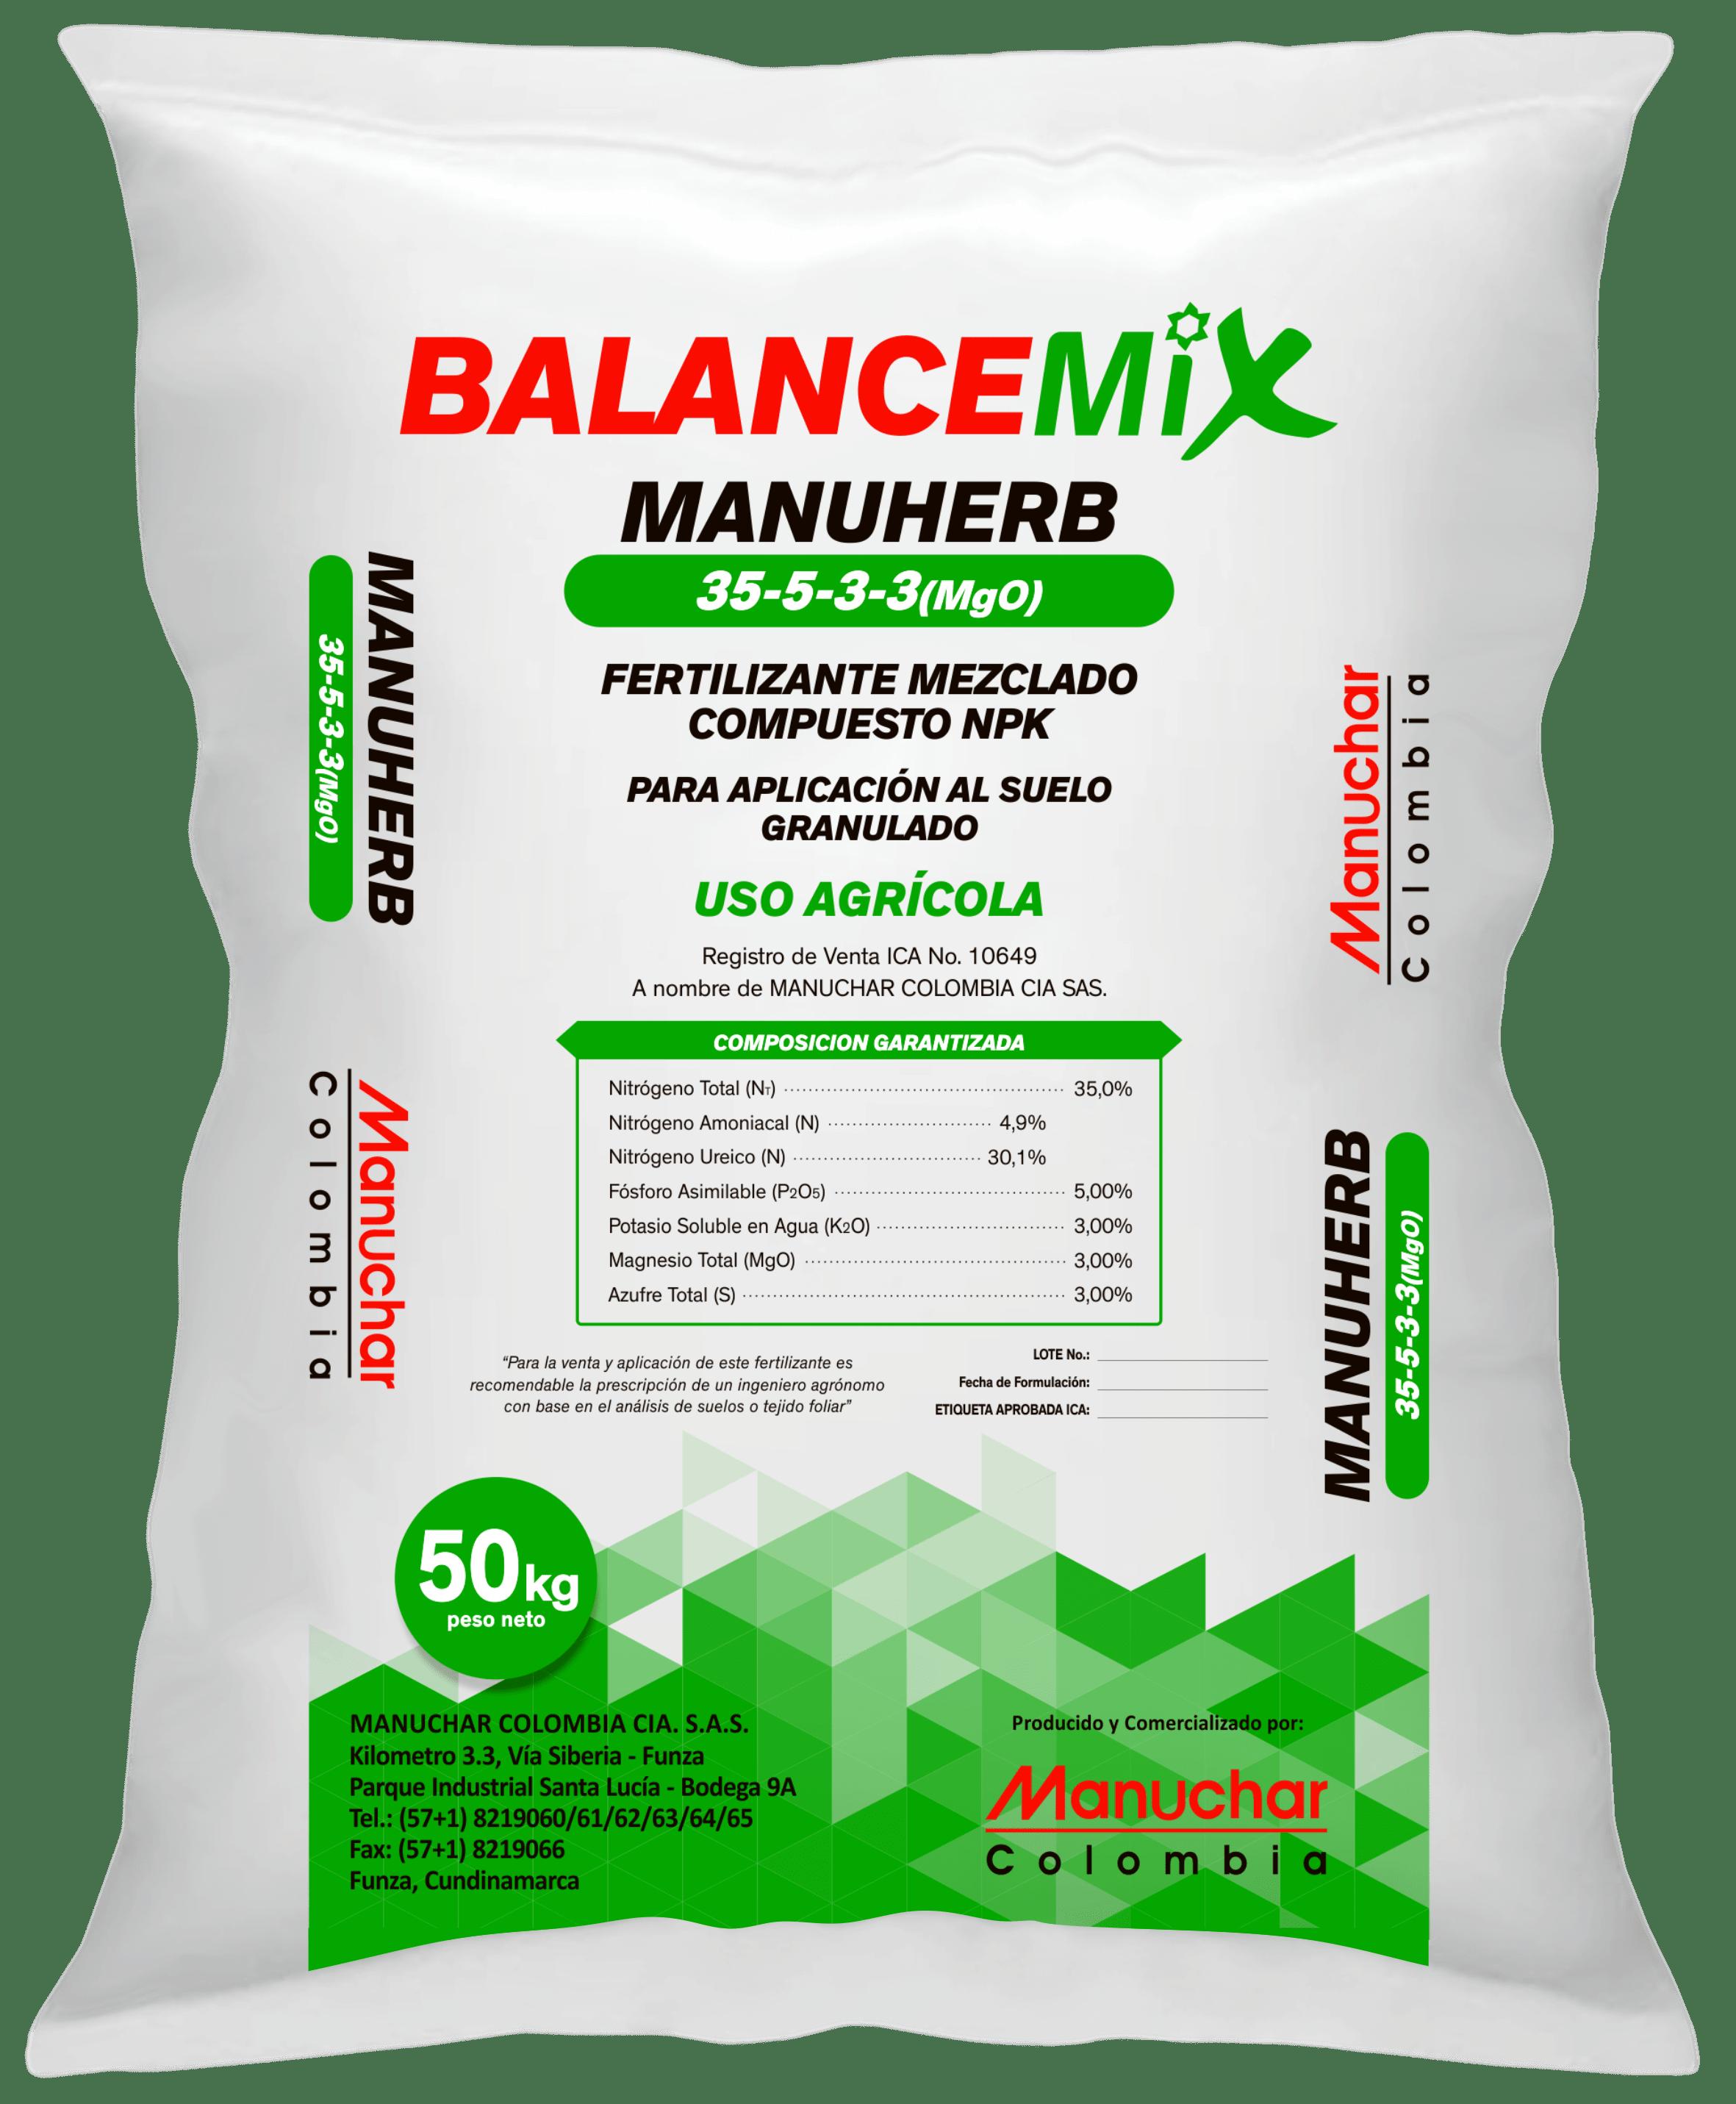 BalanceMix-manuherb-min.png